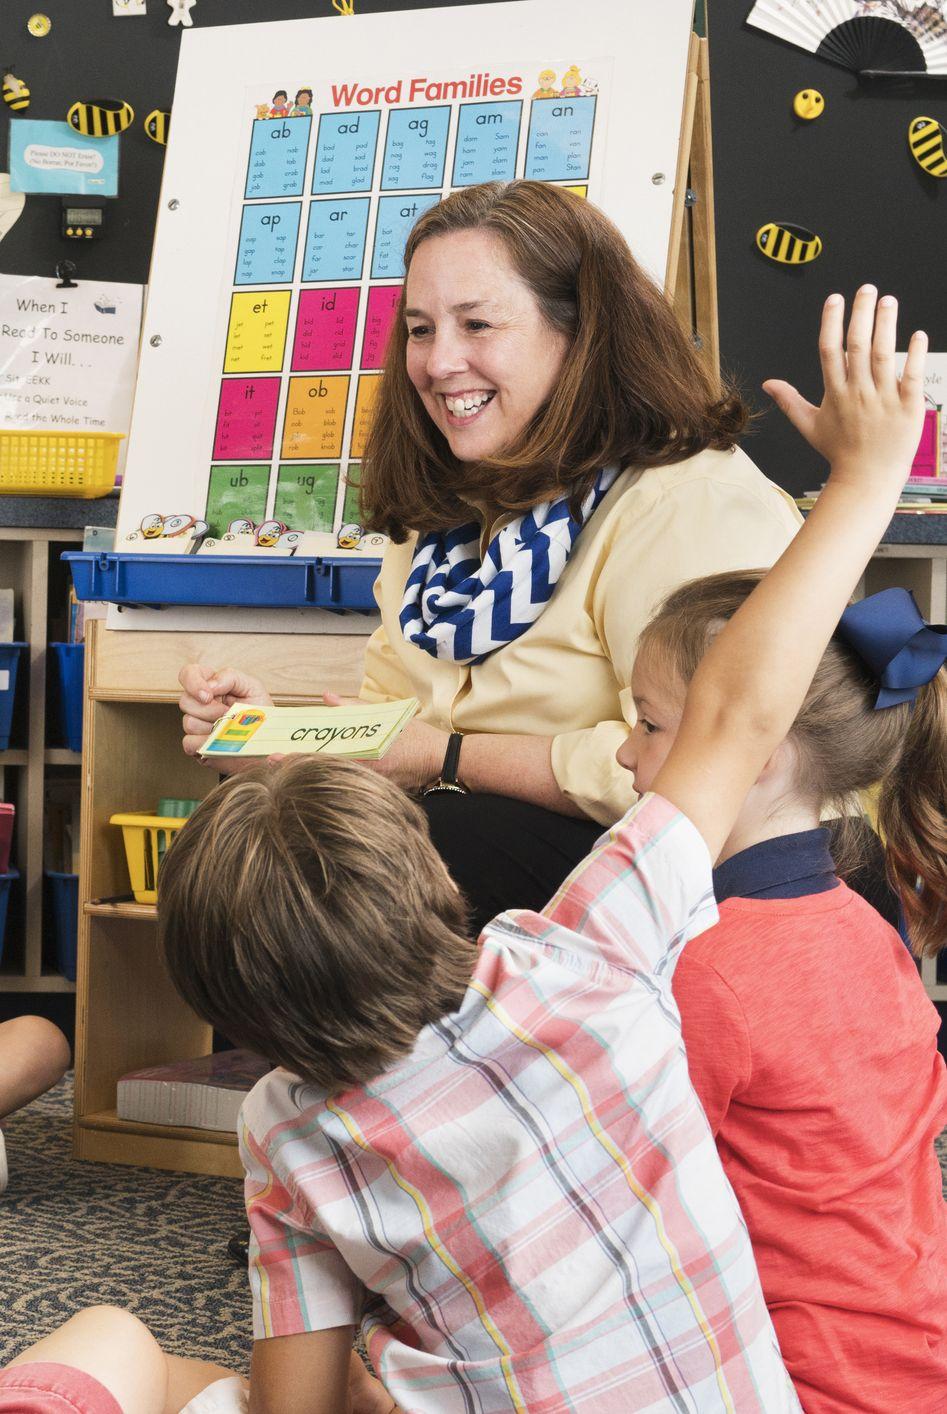 jobs for retirees - substitute teacher